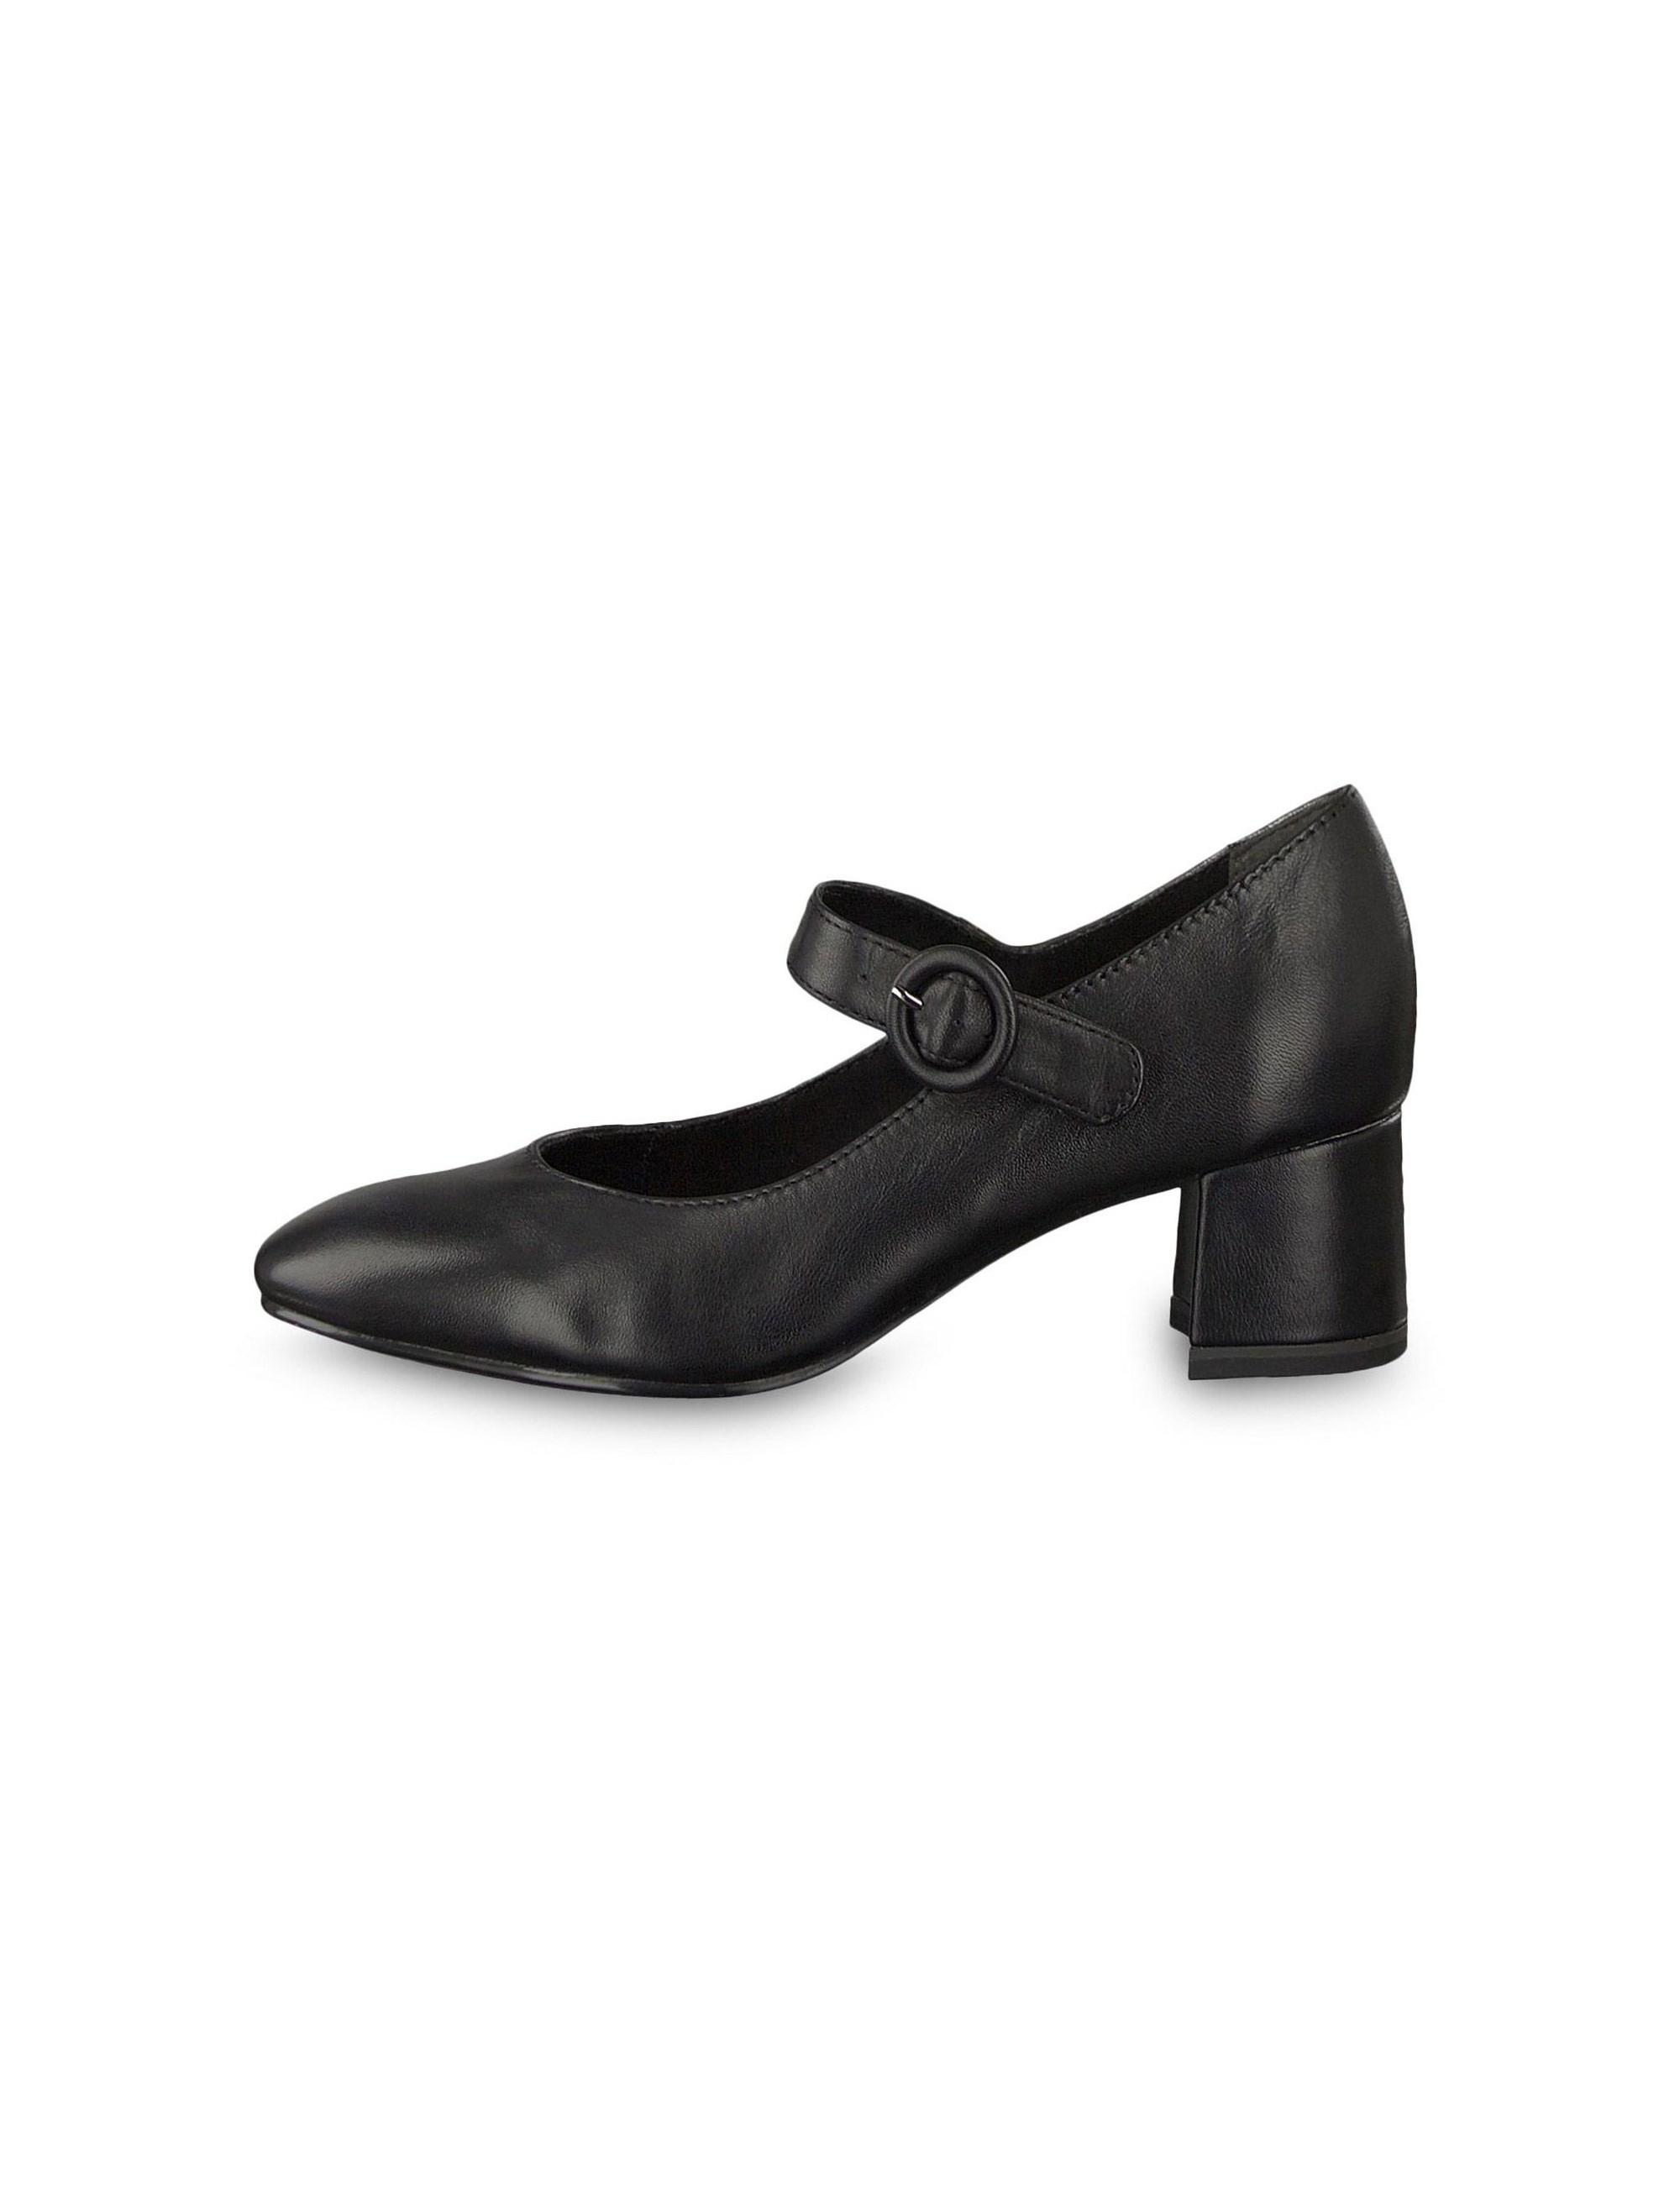 کفش پاشنه دار زنانه ALIDA - تاماریس - مشکي - 3